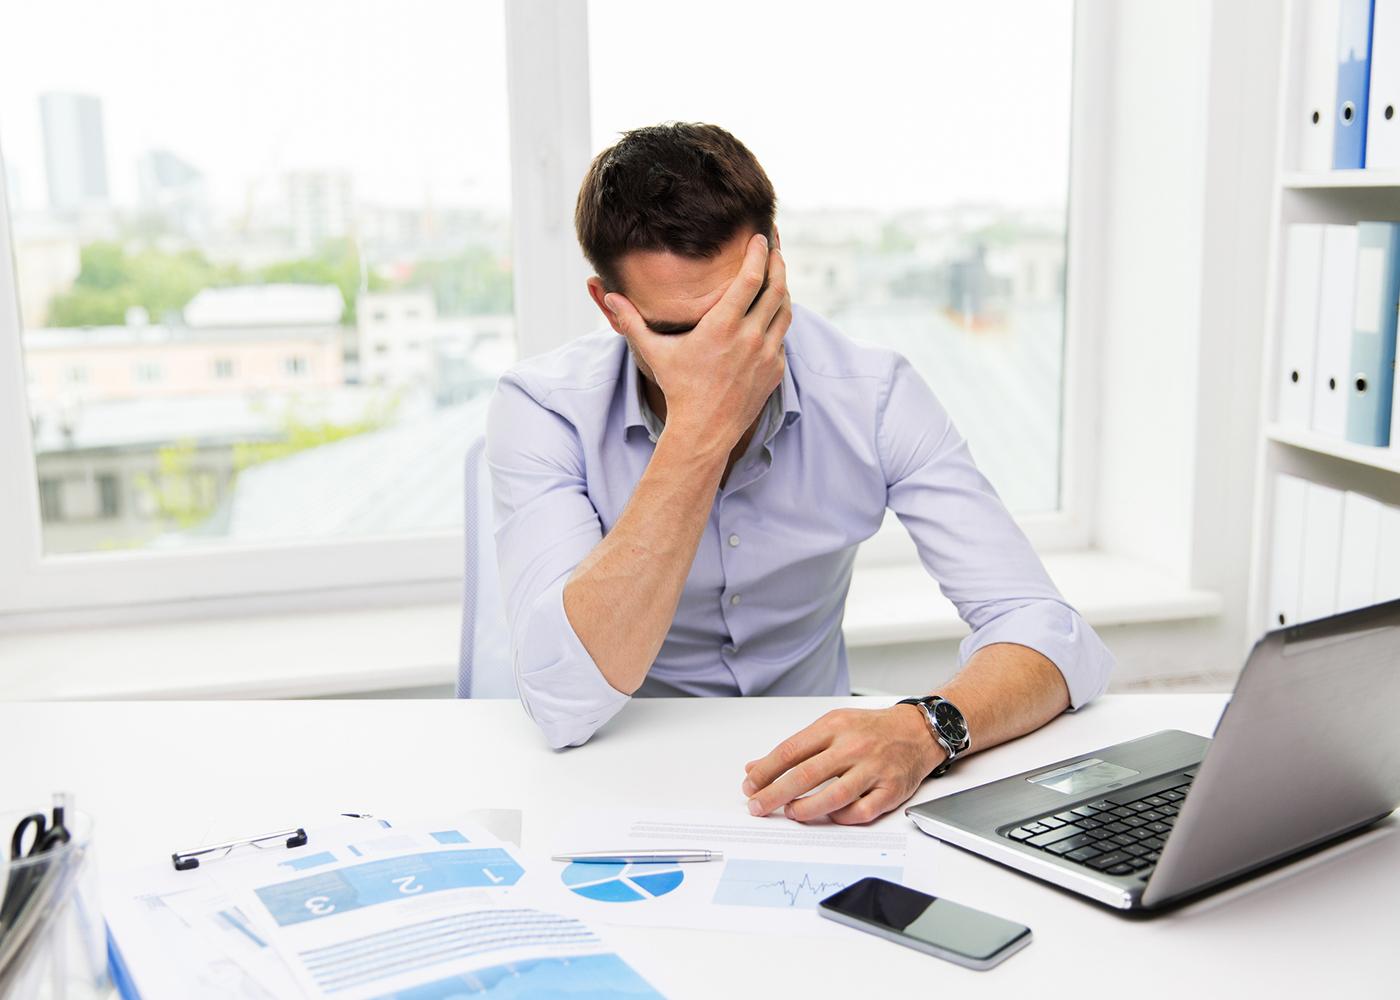 homem stressado